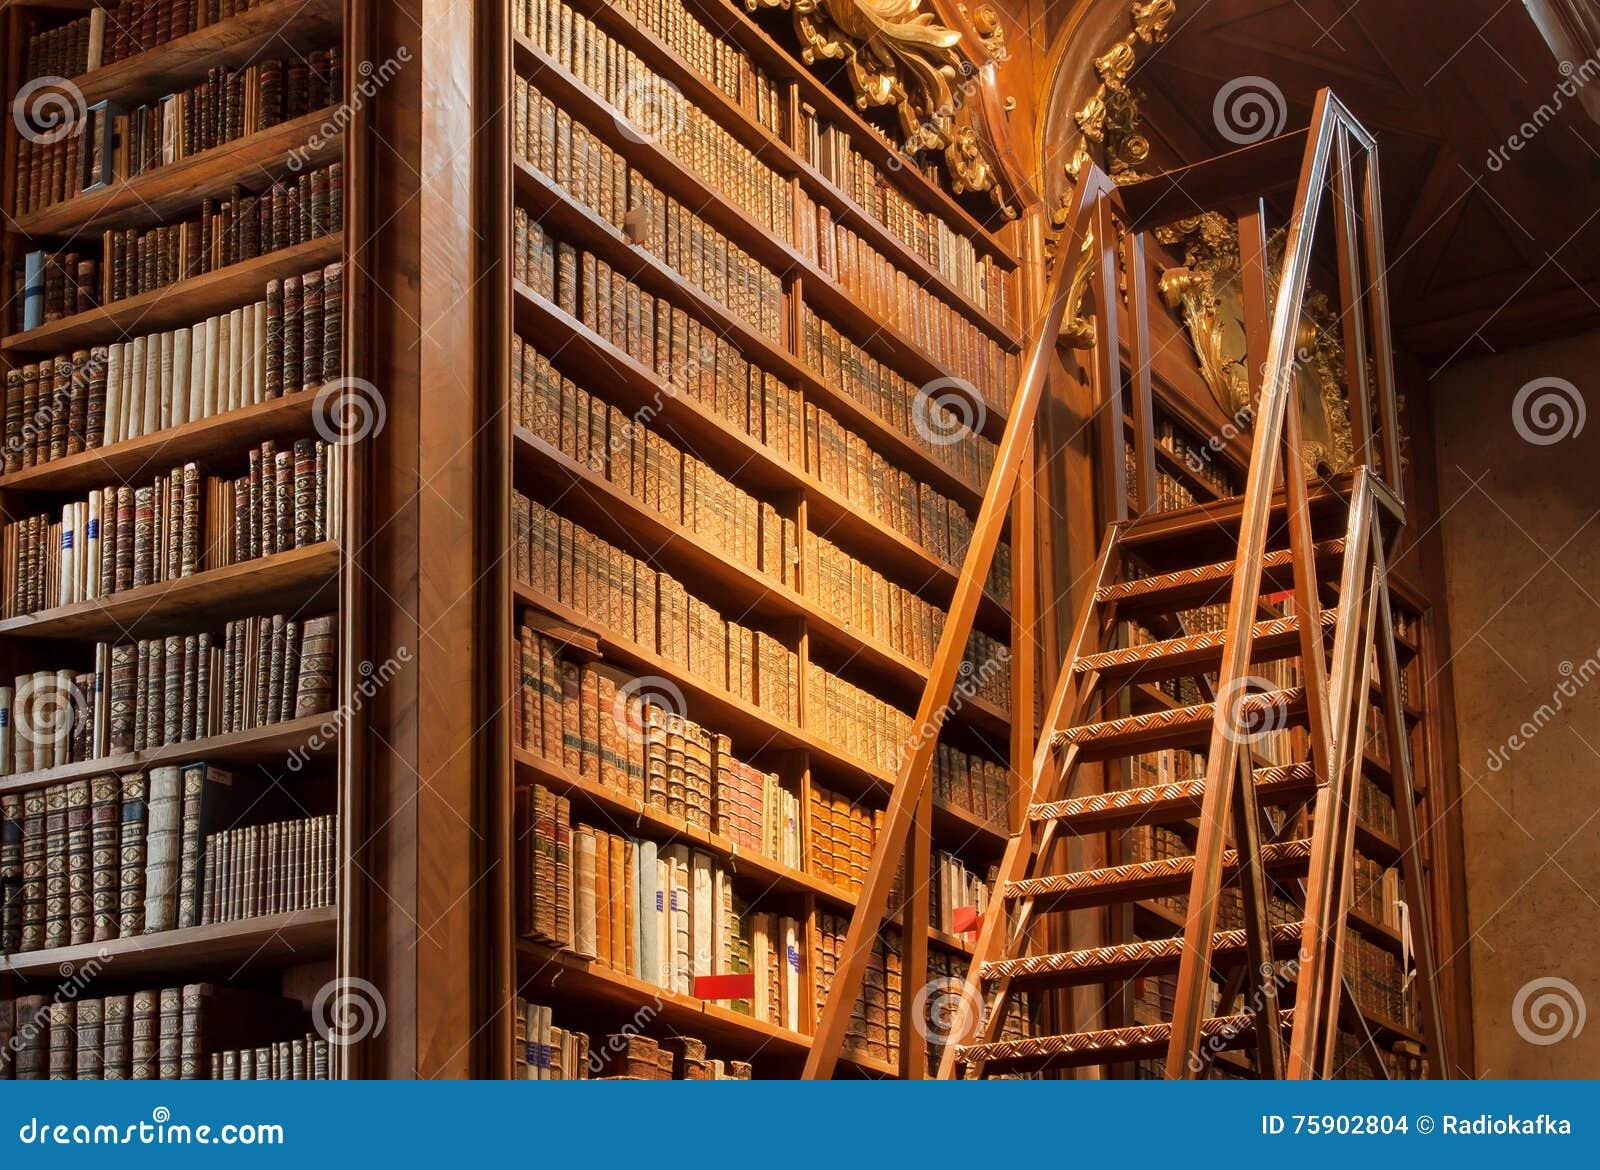 https://thumbs.dreamstime.com/z/oude-boekenkast-met-de-verbindende-boekdekking-de-bibliotheek-van-wenen-75902804.jpg